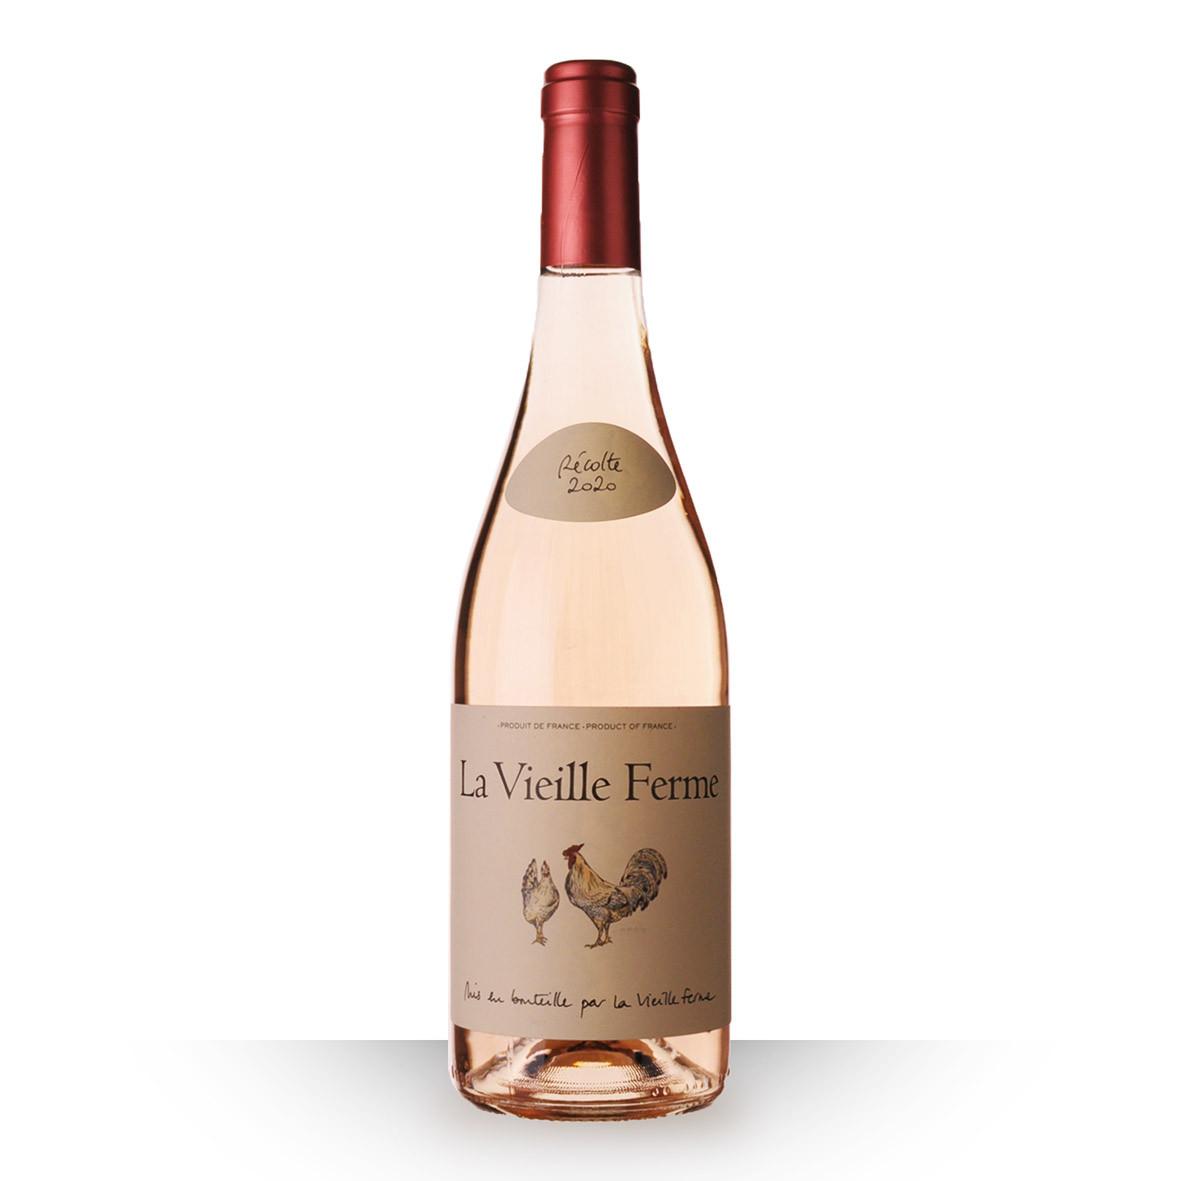 La Vieille Ferme Luberon Rosé 2020 75cl www.odyssee-vins.com